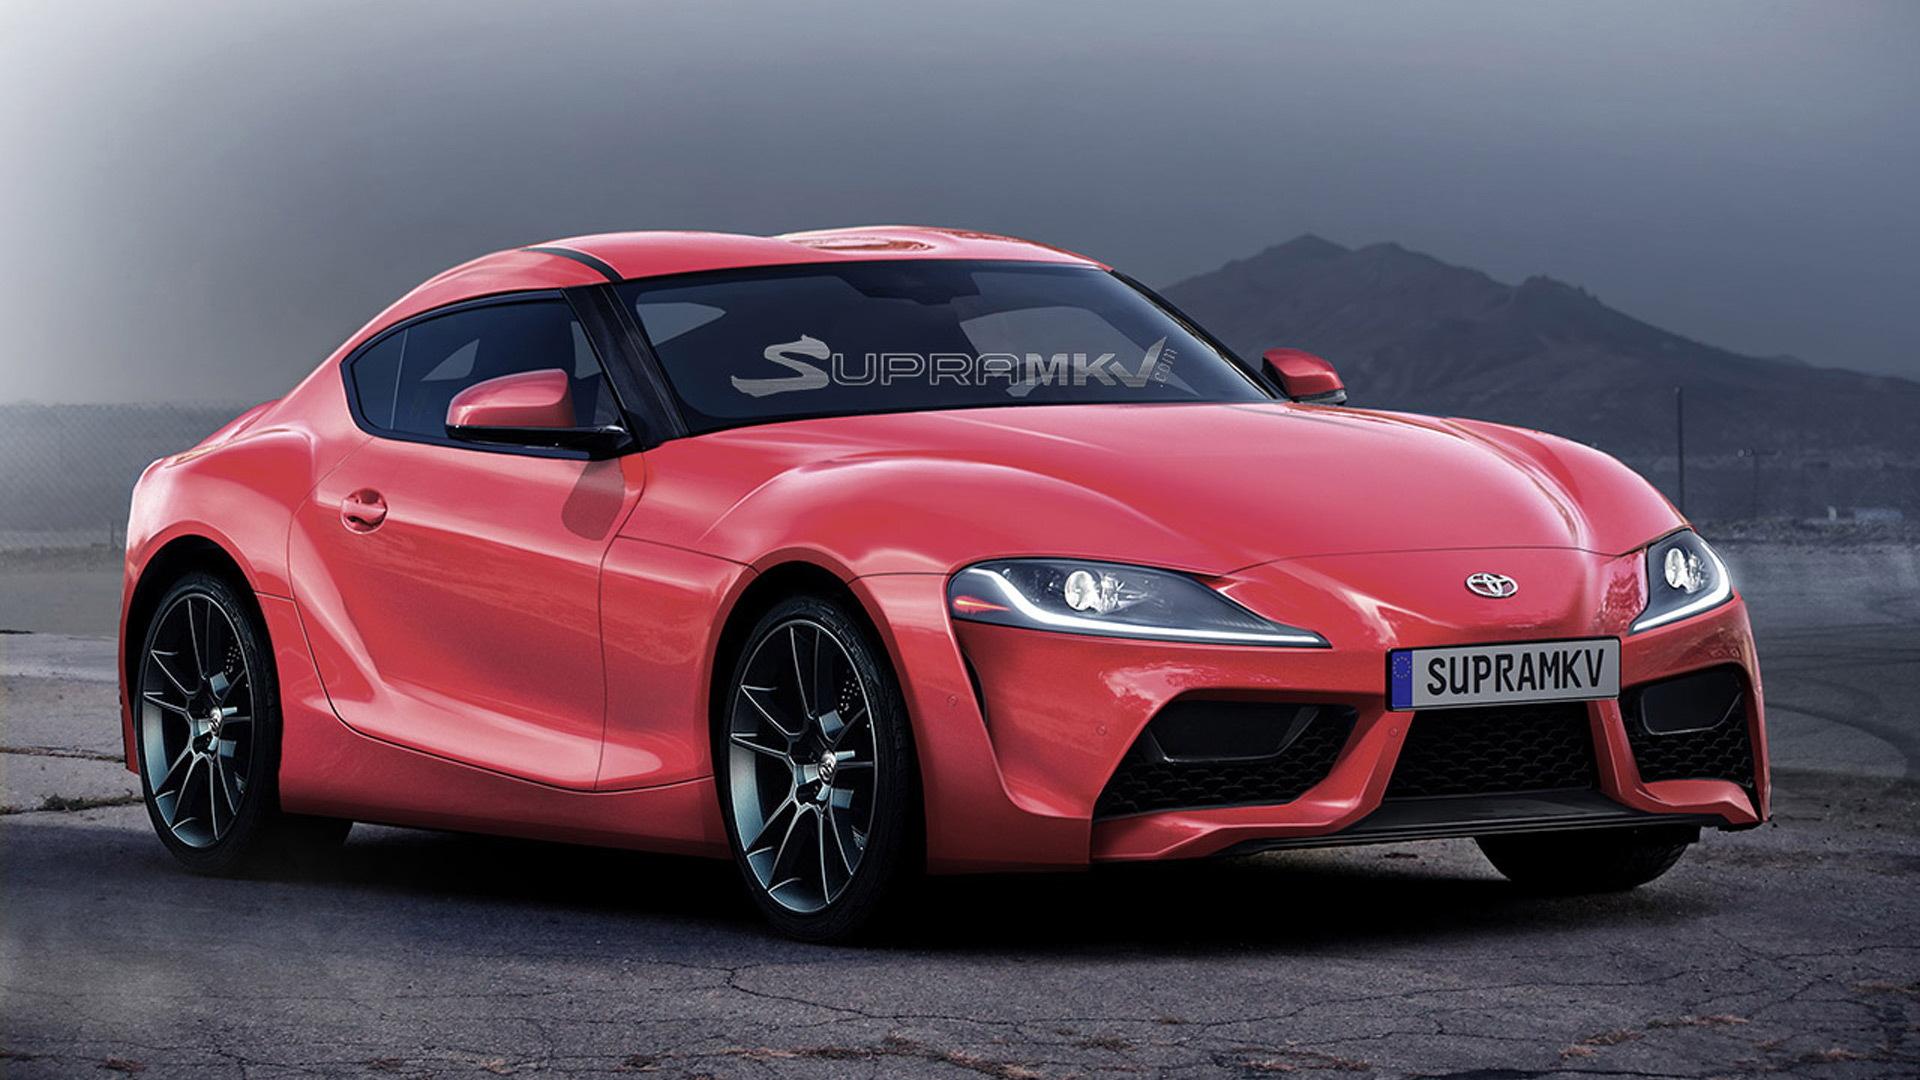 2020 Toyota Supra rendering - Image via SupraMkV